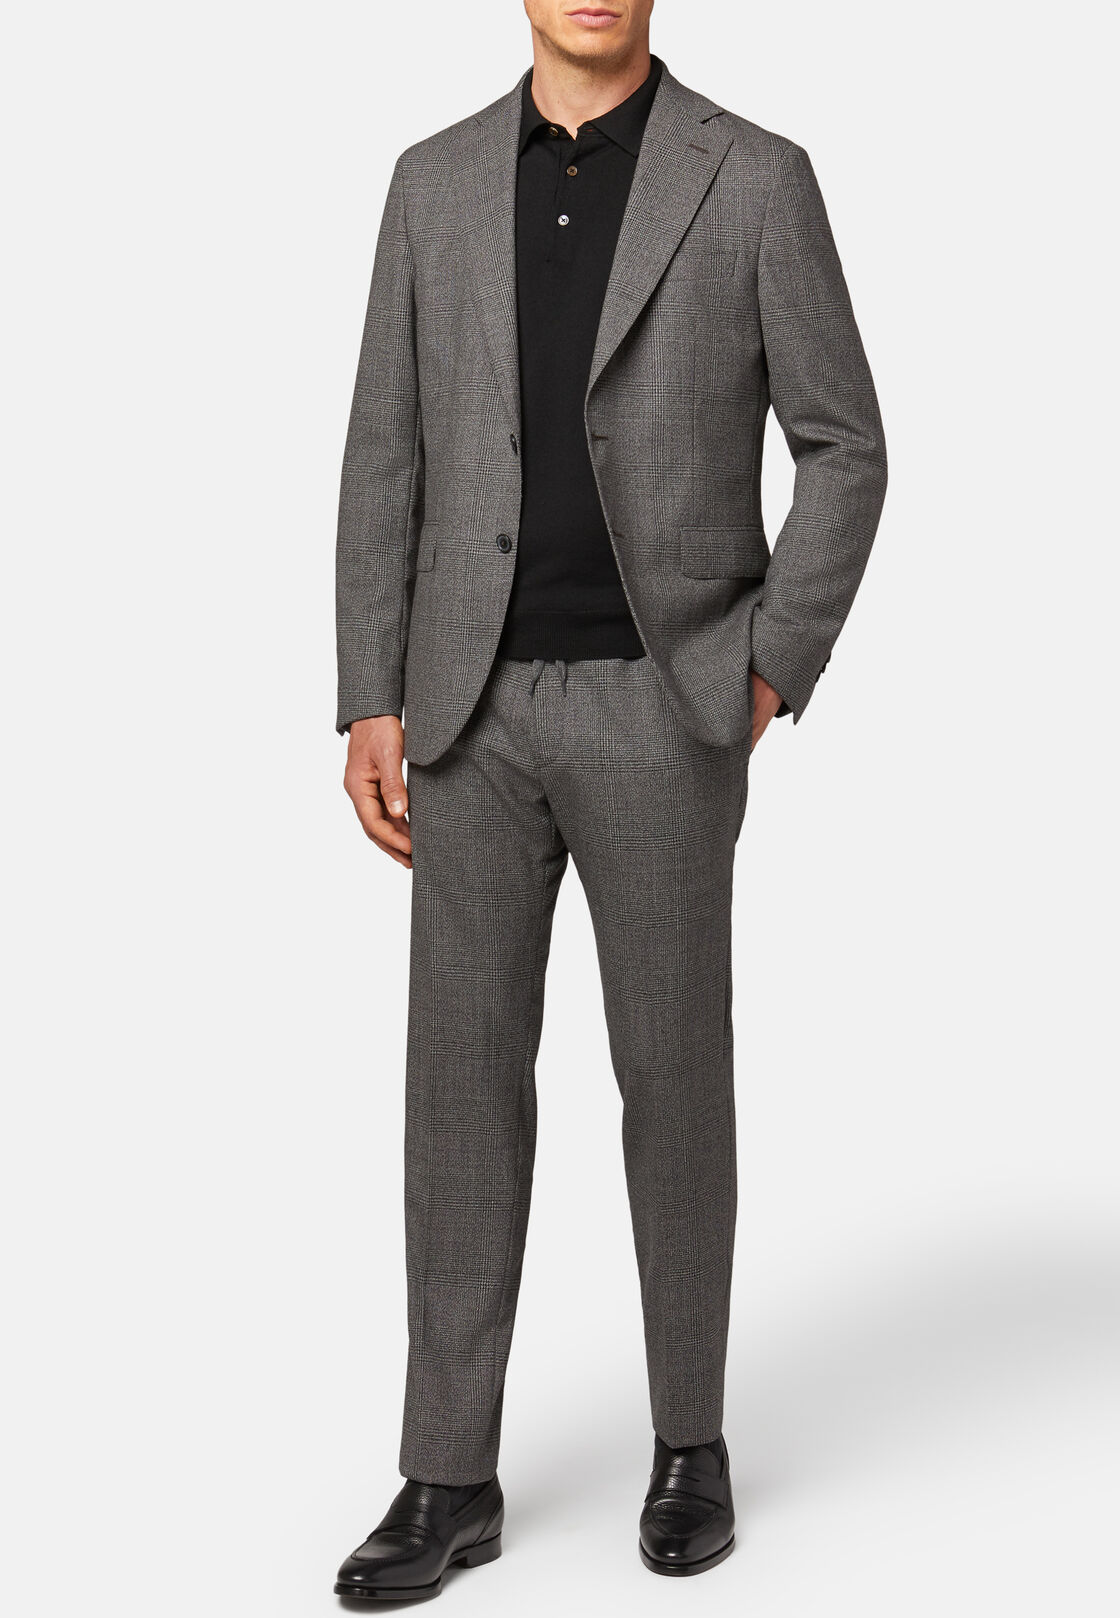 Grauer anzug mit prince of wales-karos aus travel-wolle, Grau, hi-res